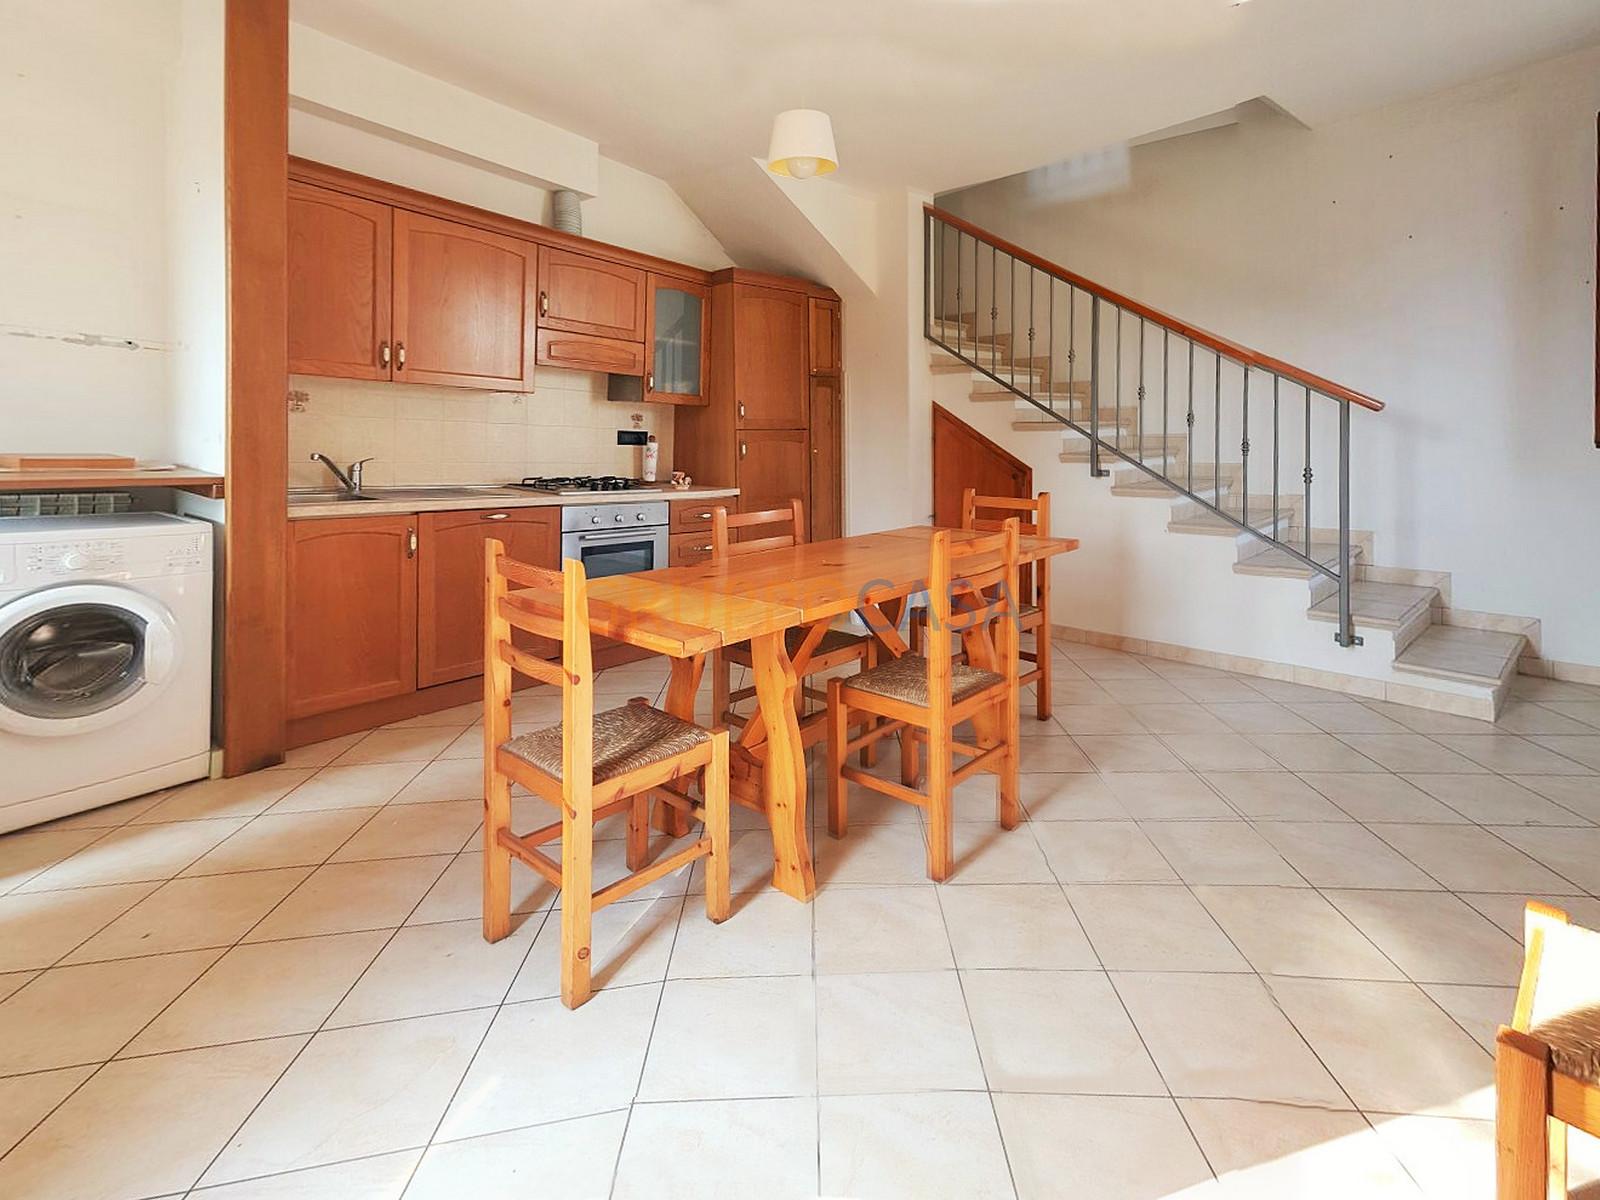 Soluzione Indipendente in vendita a Uzzano, 7 locali, zona Località: S.aLucia, prezzo € 229.000 | Cambio Casa.it